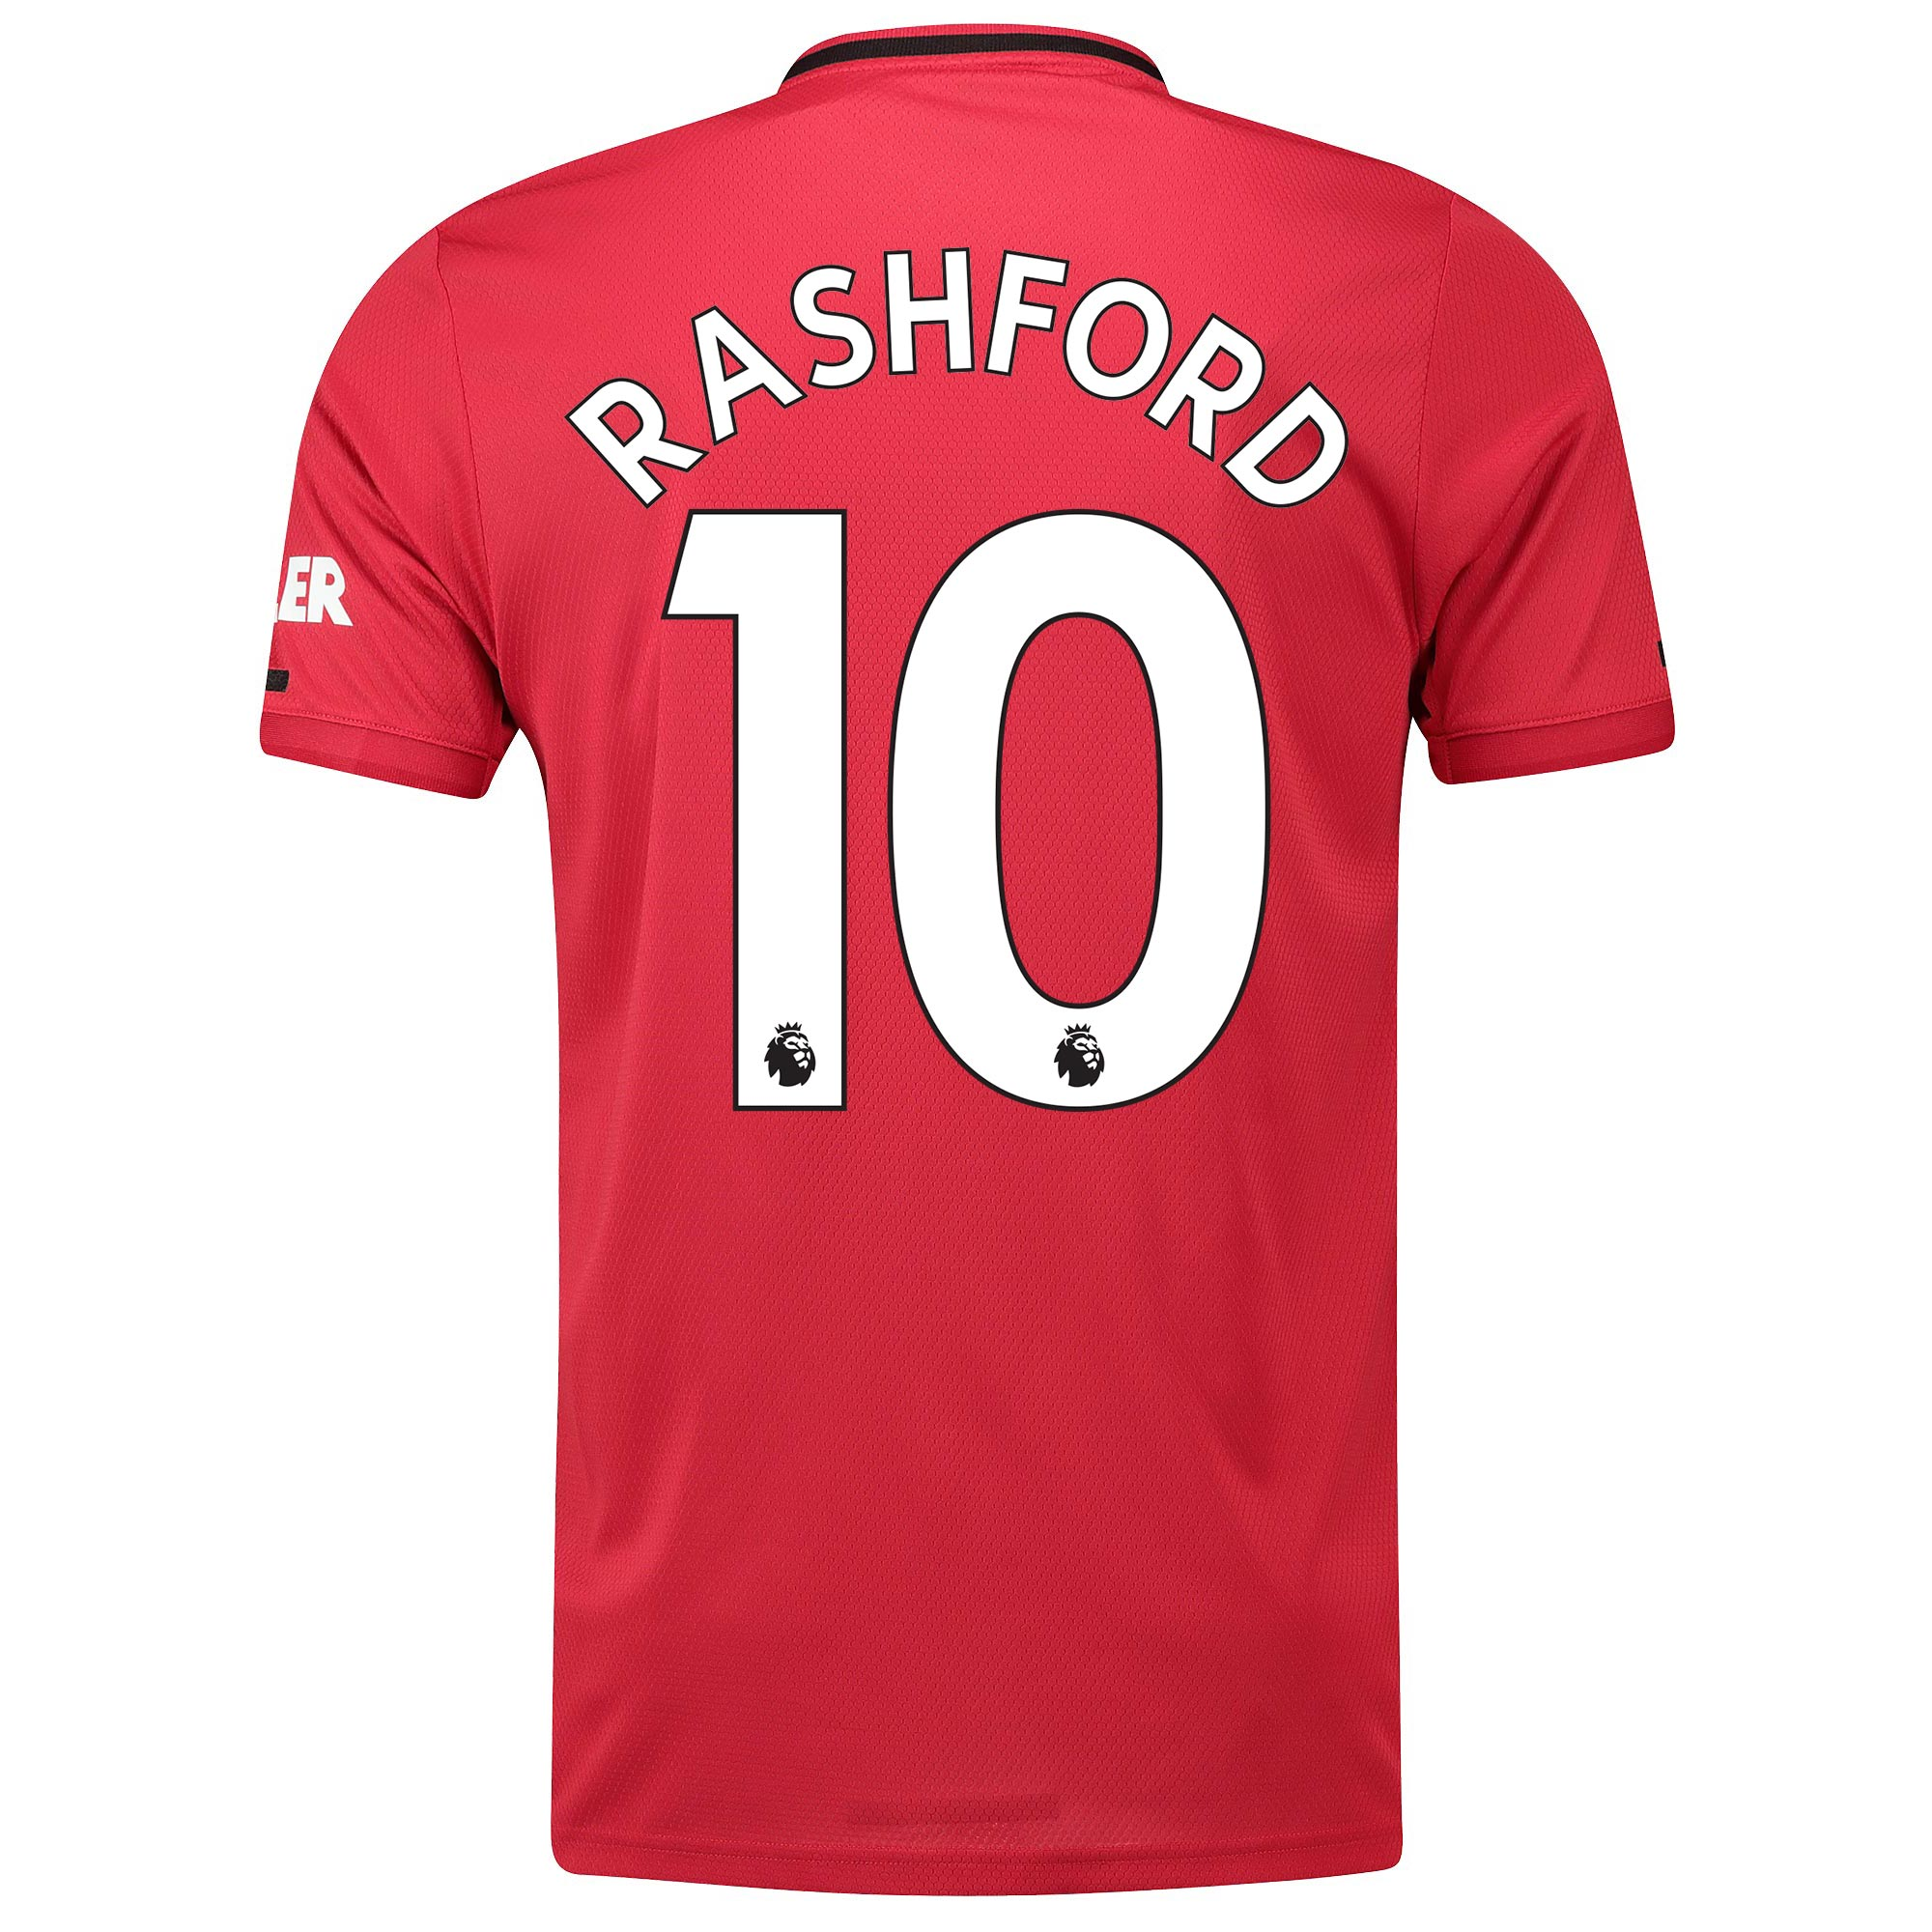 マンチェスター ユナイテッド ホーム シャツ 2019-20 Rashford 10